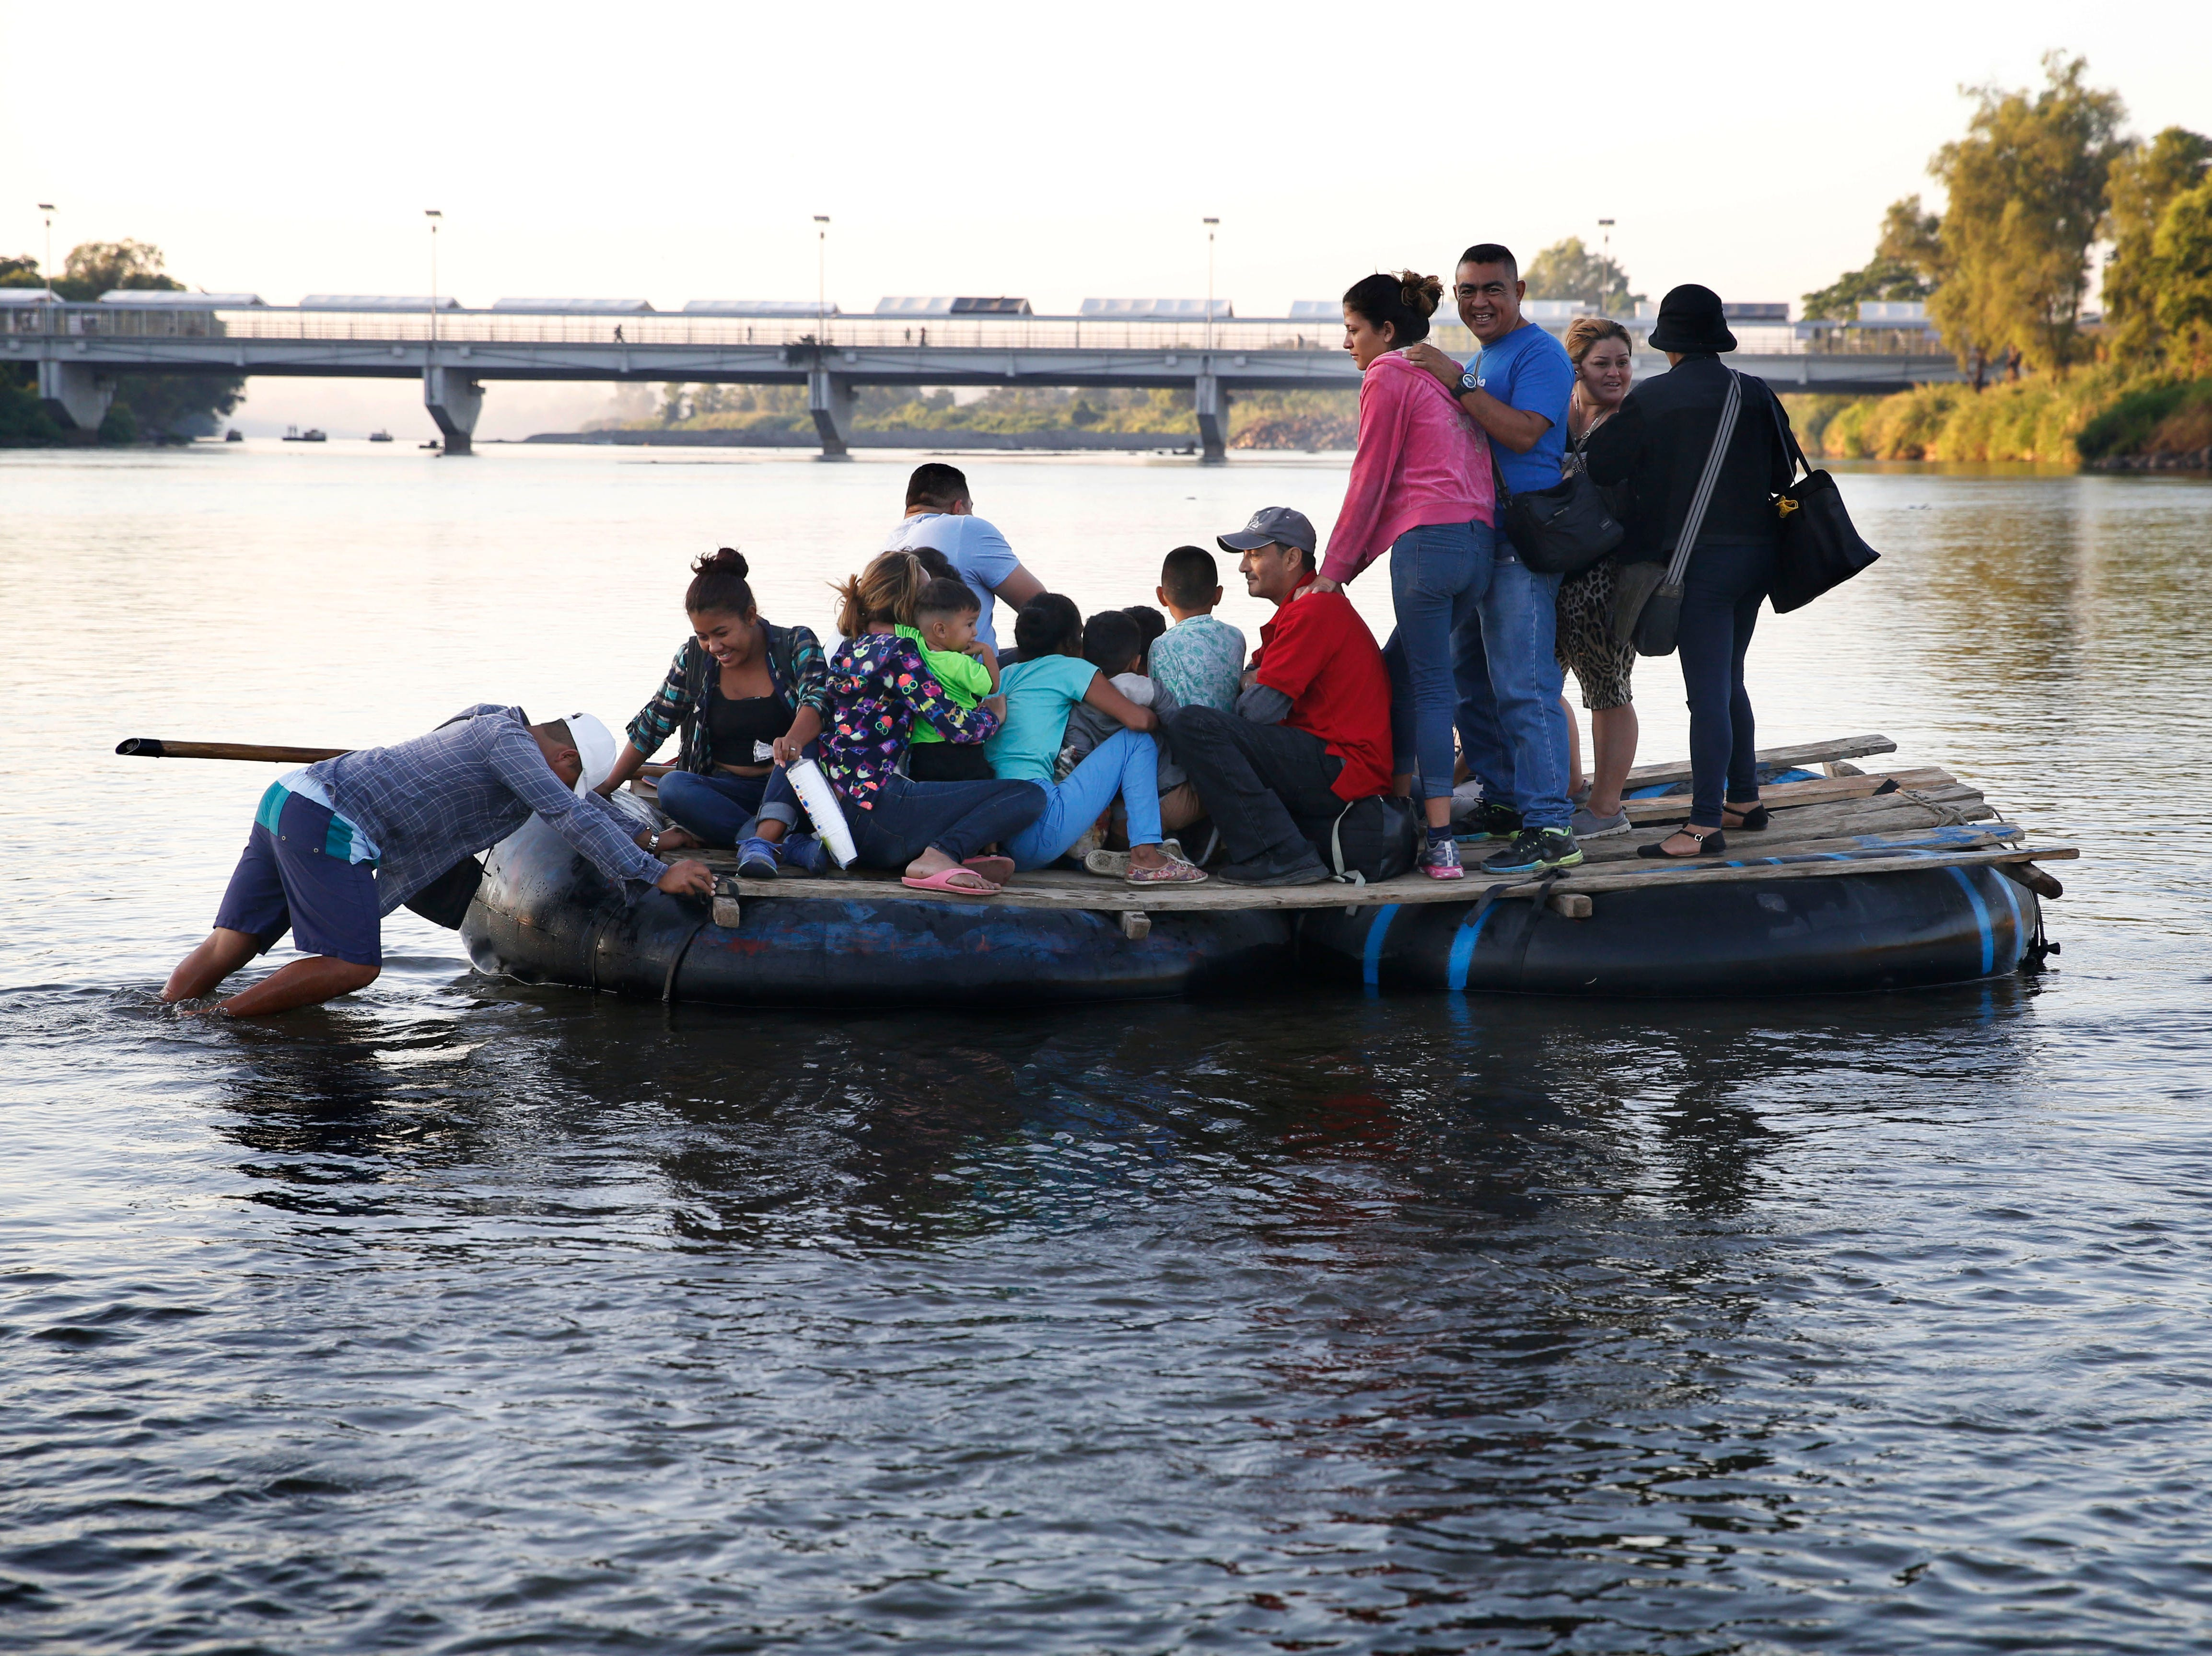 Mientras unos lo hicieron caminando, otro migrantes optaron por cruzar a México a través del río.